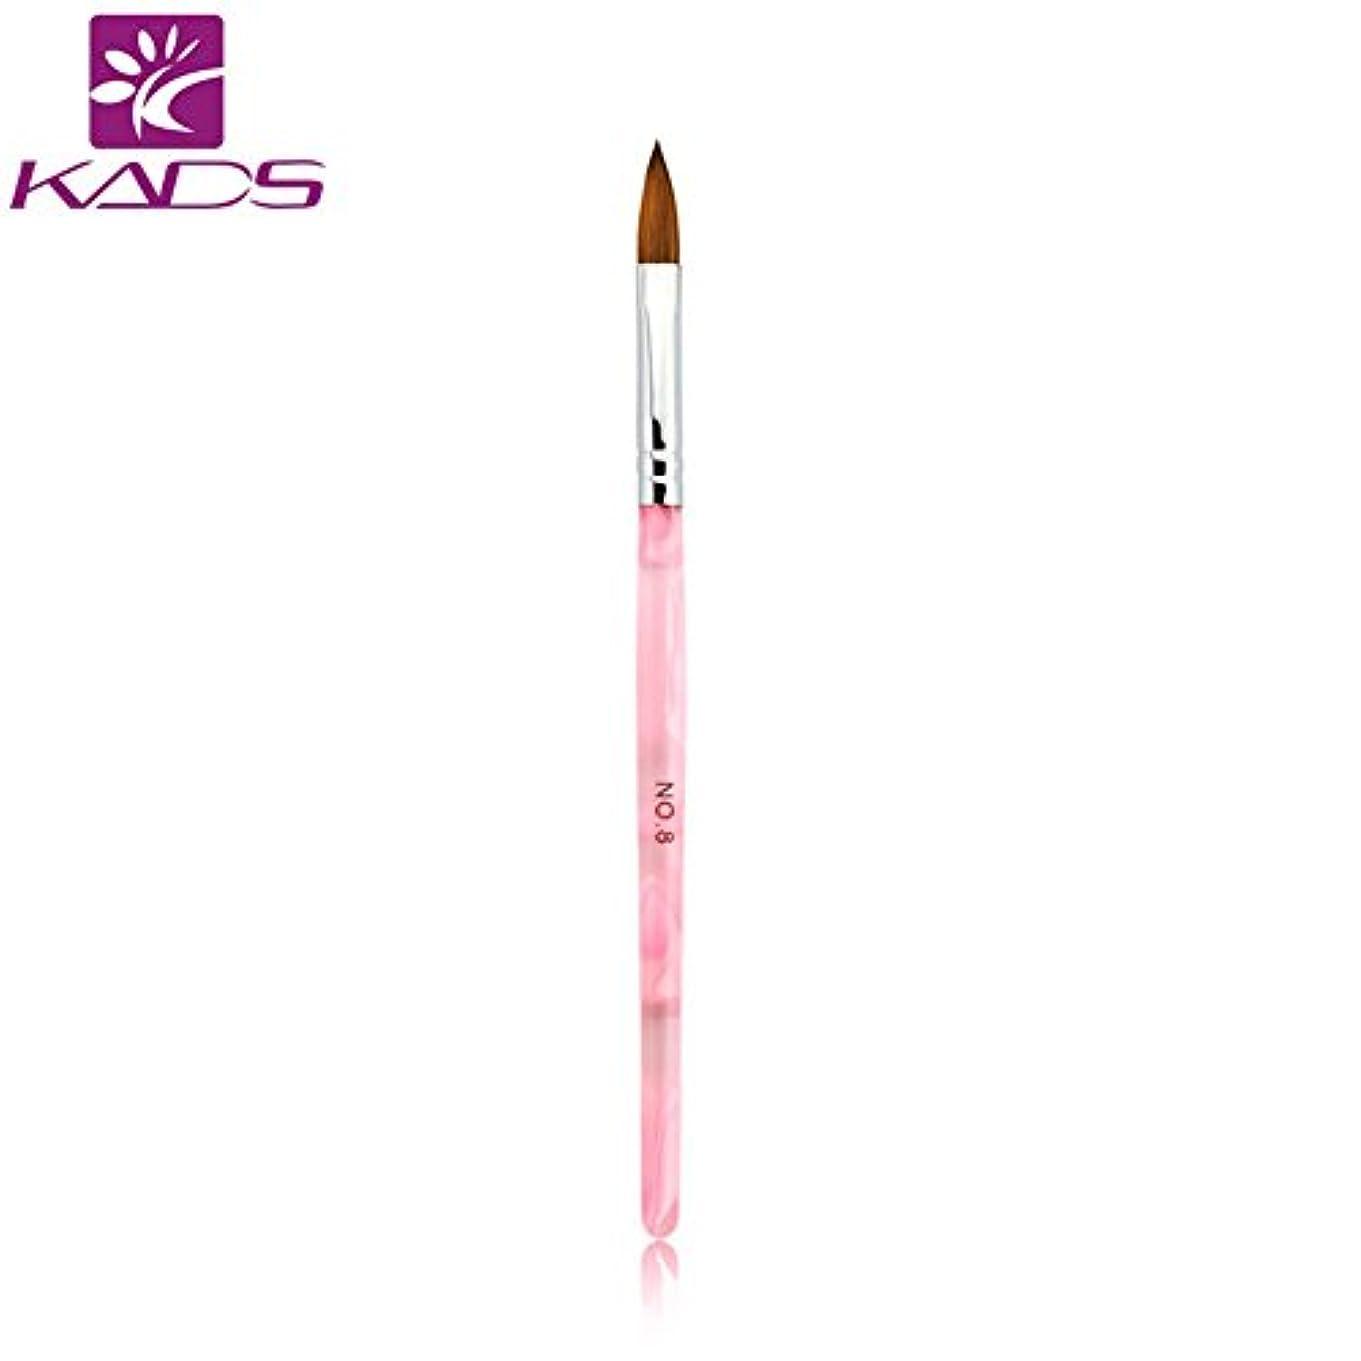 時期尚早請うヶ月目KADS アクリル用ネイル筆/ブラシ 1本 8# コリンスキー筆 ネイルアートペンネイルアートツール (8#)